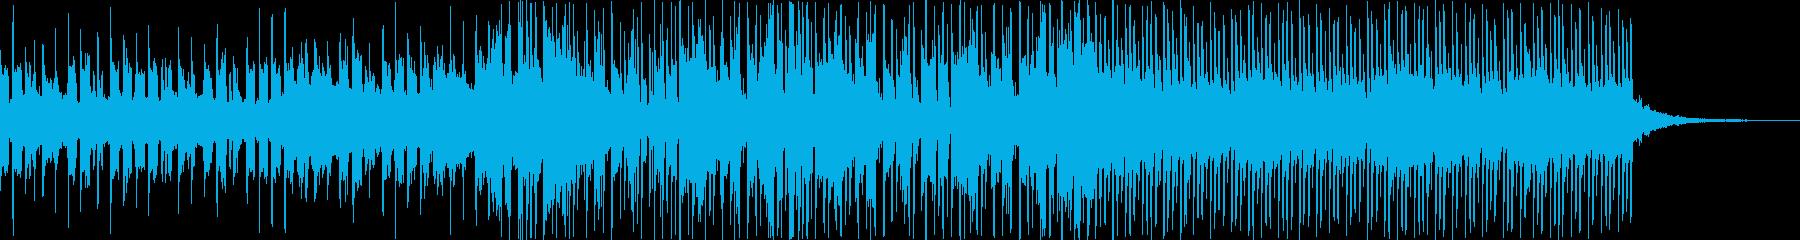 エレクトロニック 技術的な ポジテ...の再生済みの波形